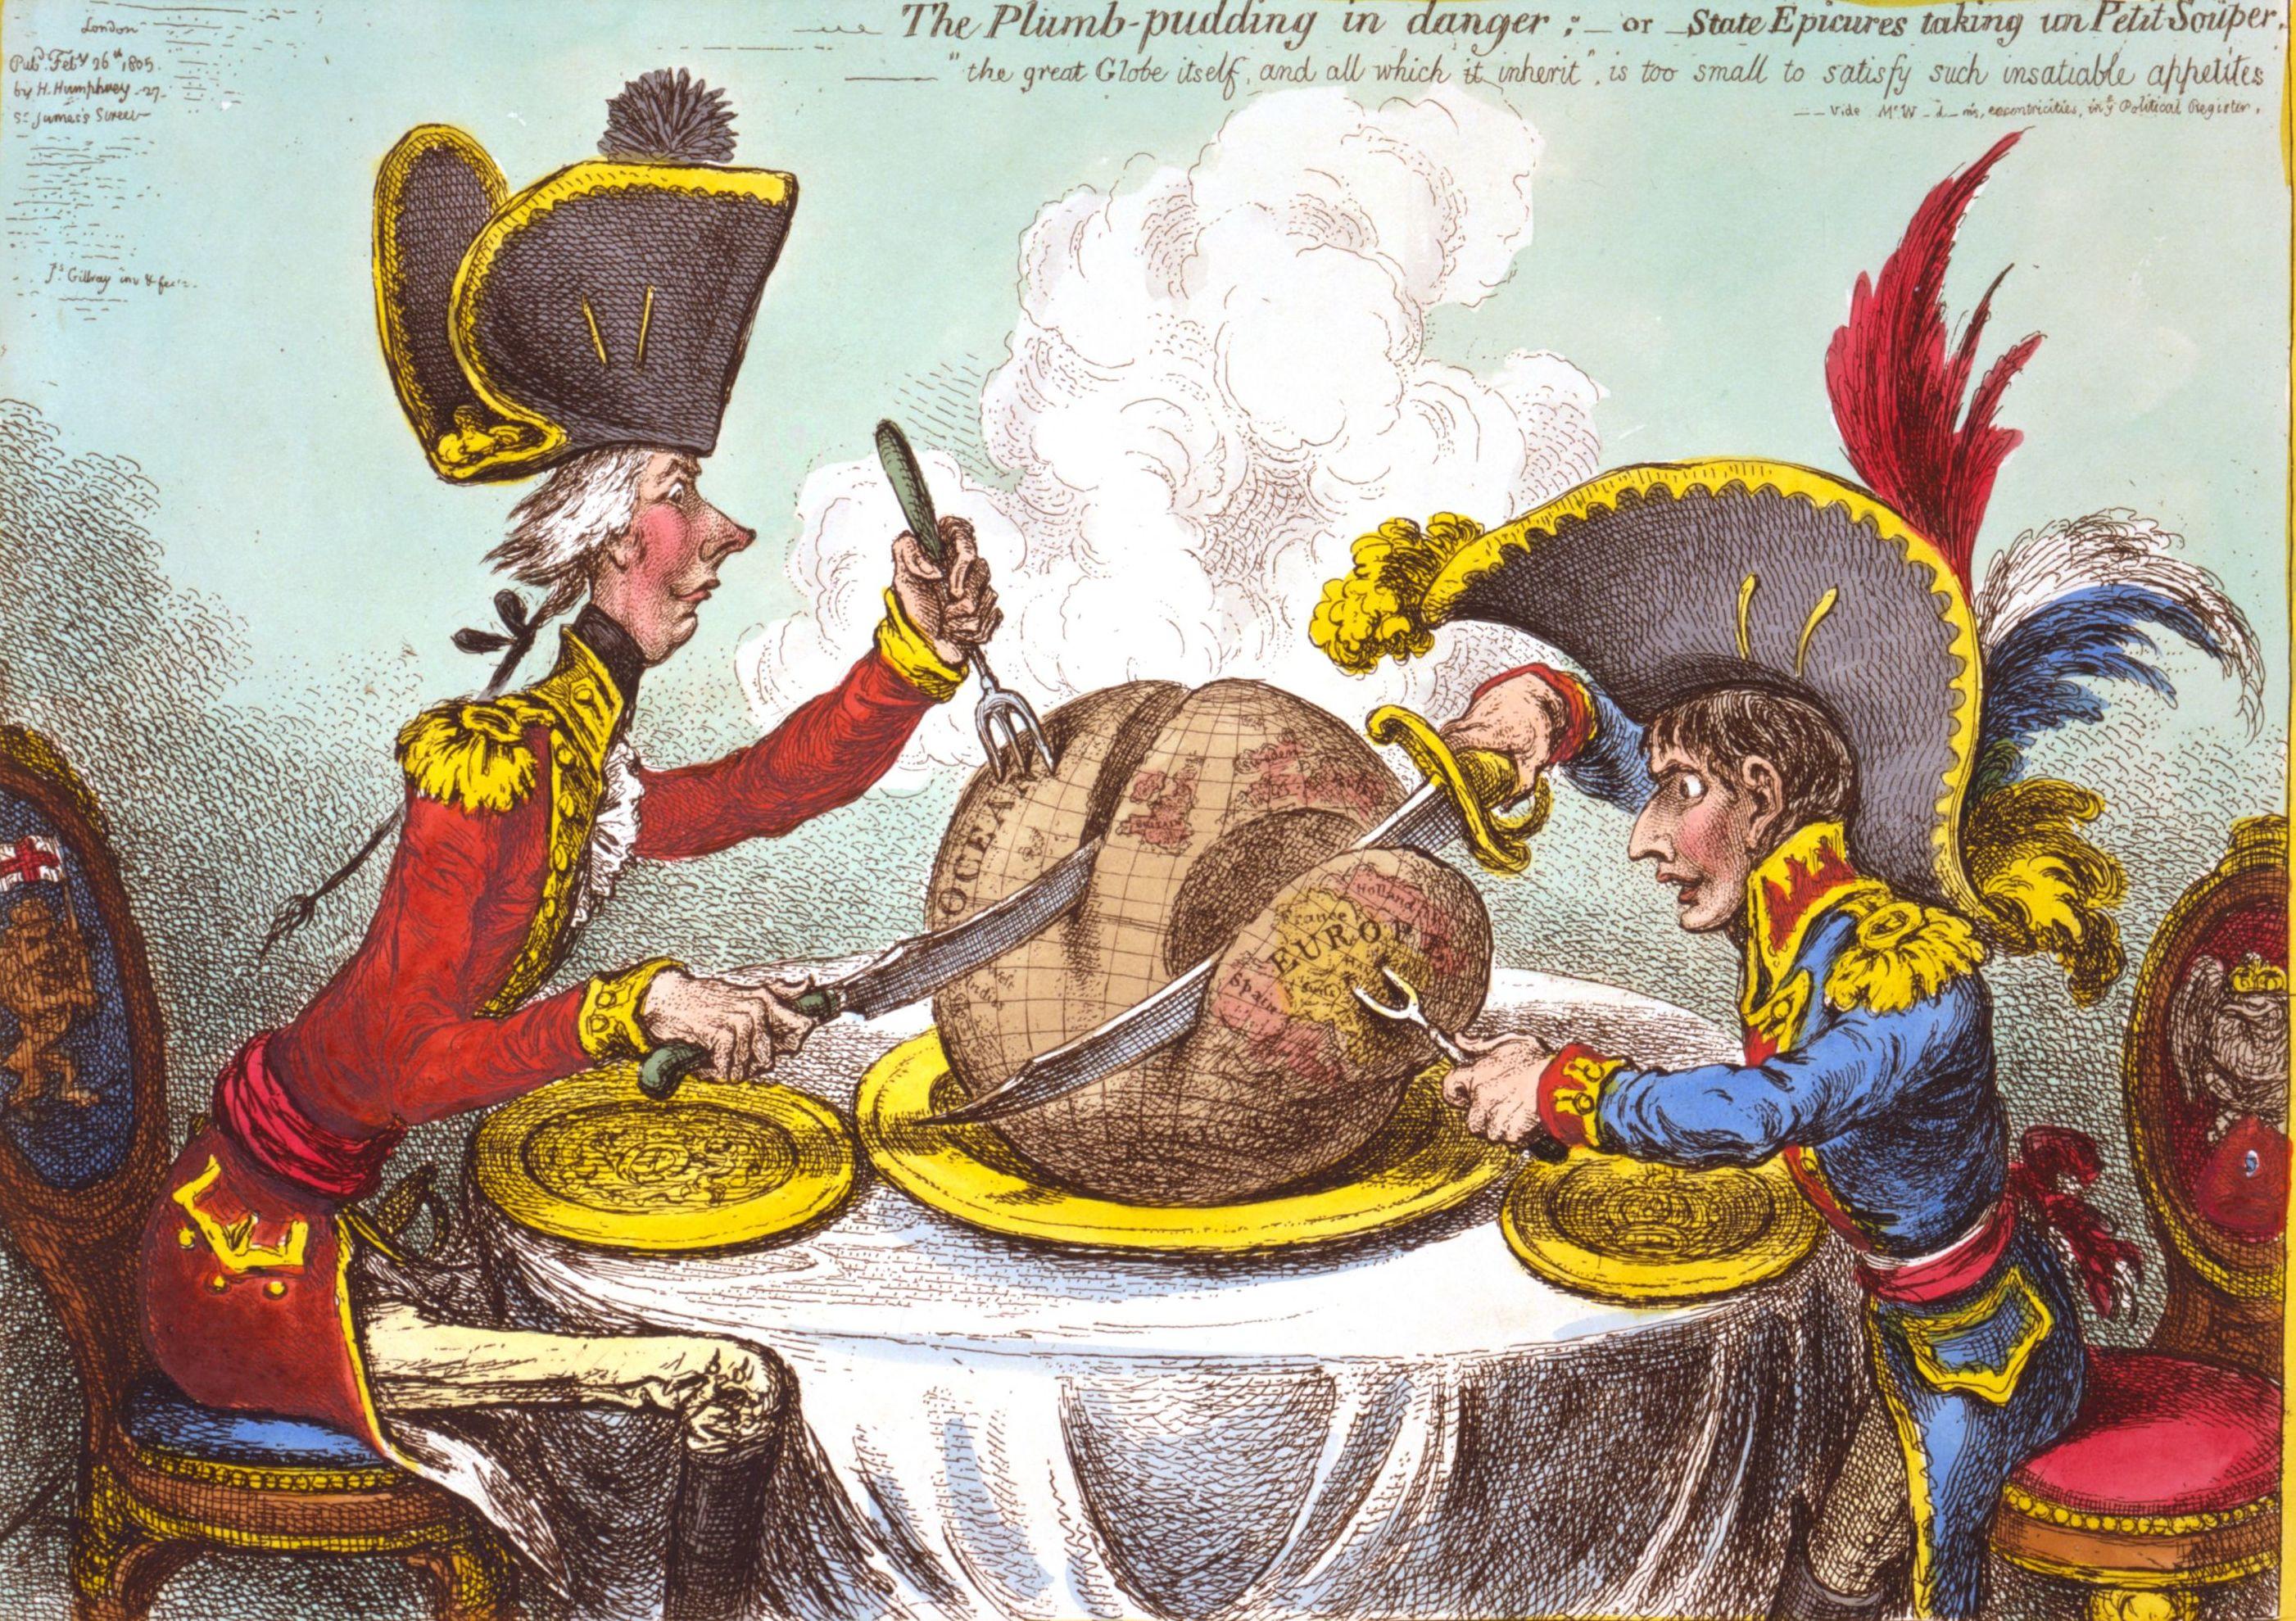 Caricatura de James Gillray donde se muestra a un pequeño Napoleón Bonaparte